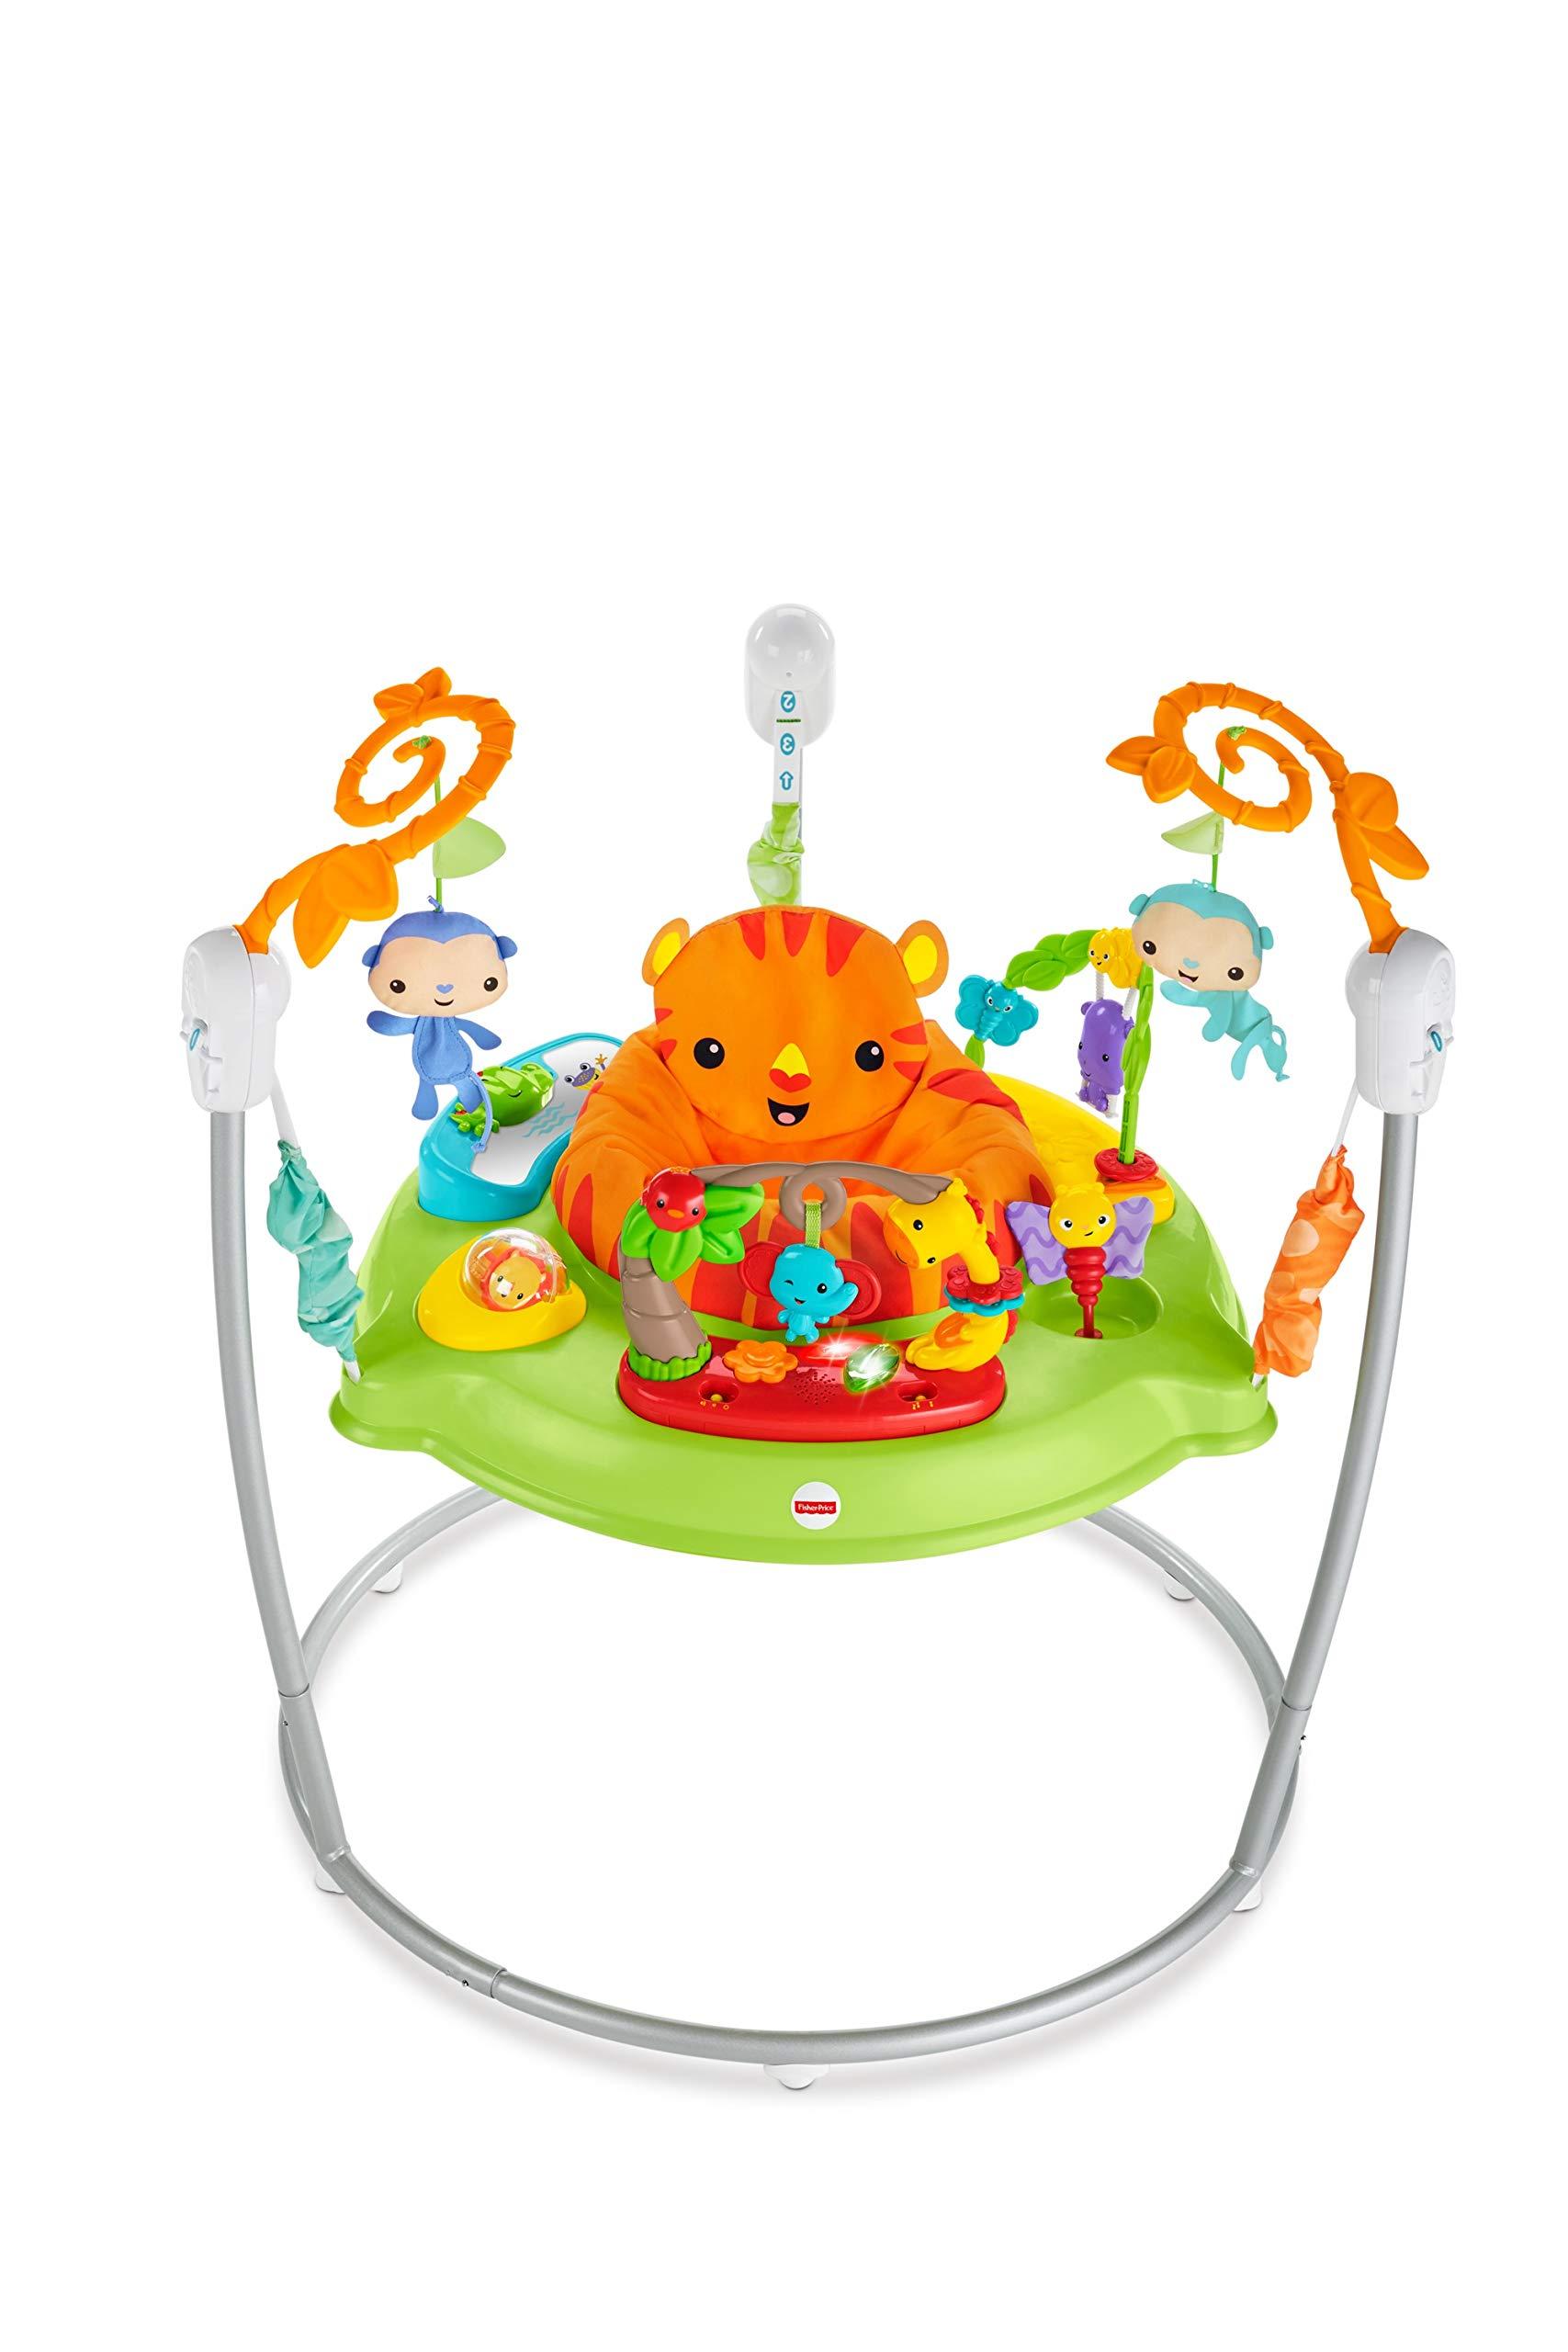 Fisher-Price Jumperoo Jungle Trotteur Bébé avec Lumières, Sons et Musiques, Siège Tournant à 360°, Stimule les Sens, 9 Mois et Plus, CHM91 product image